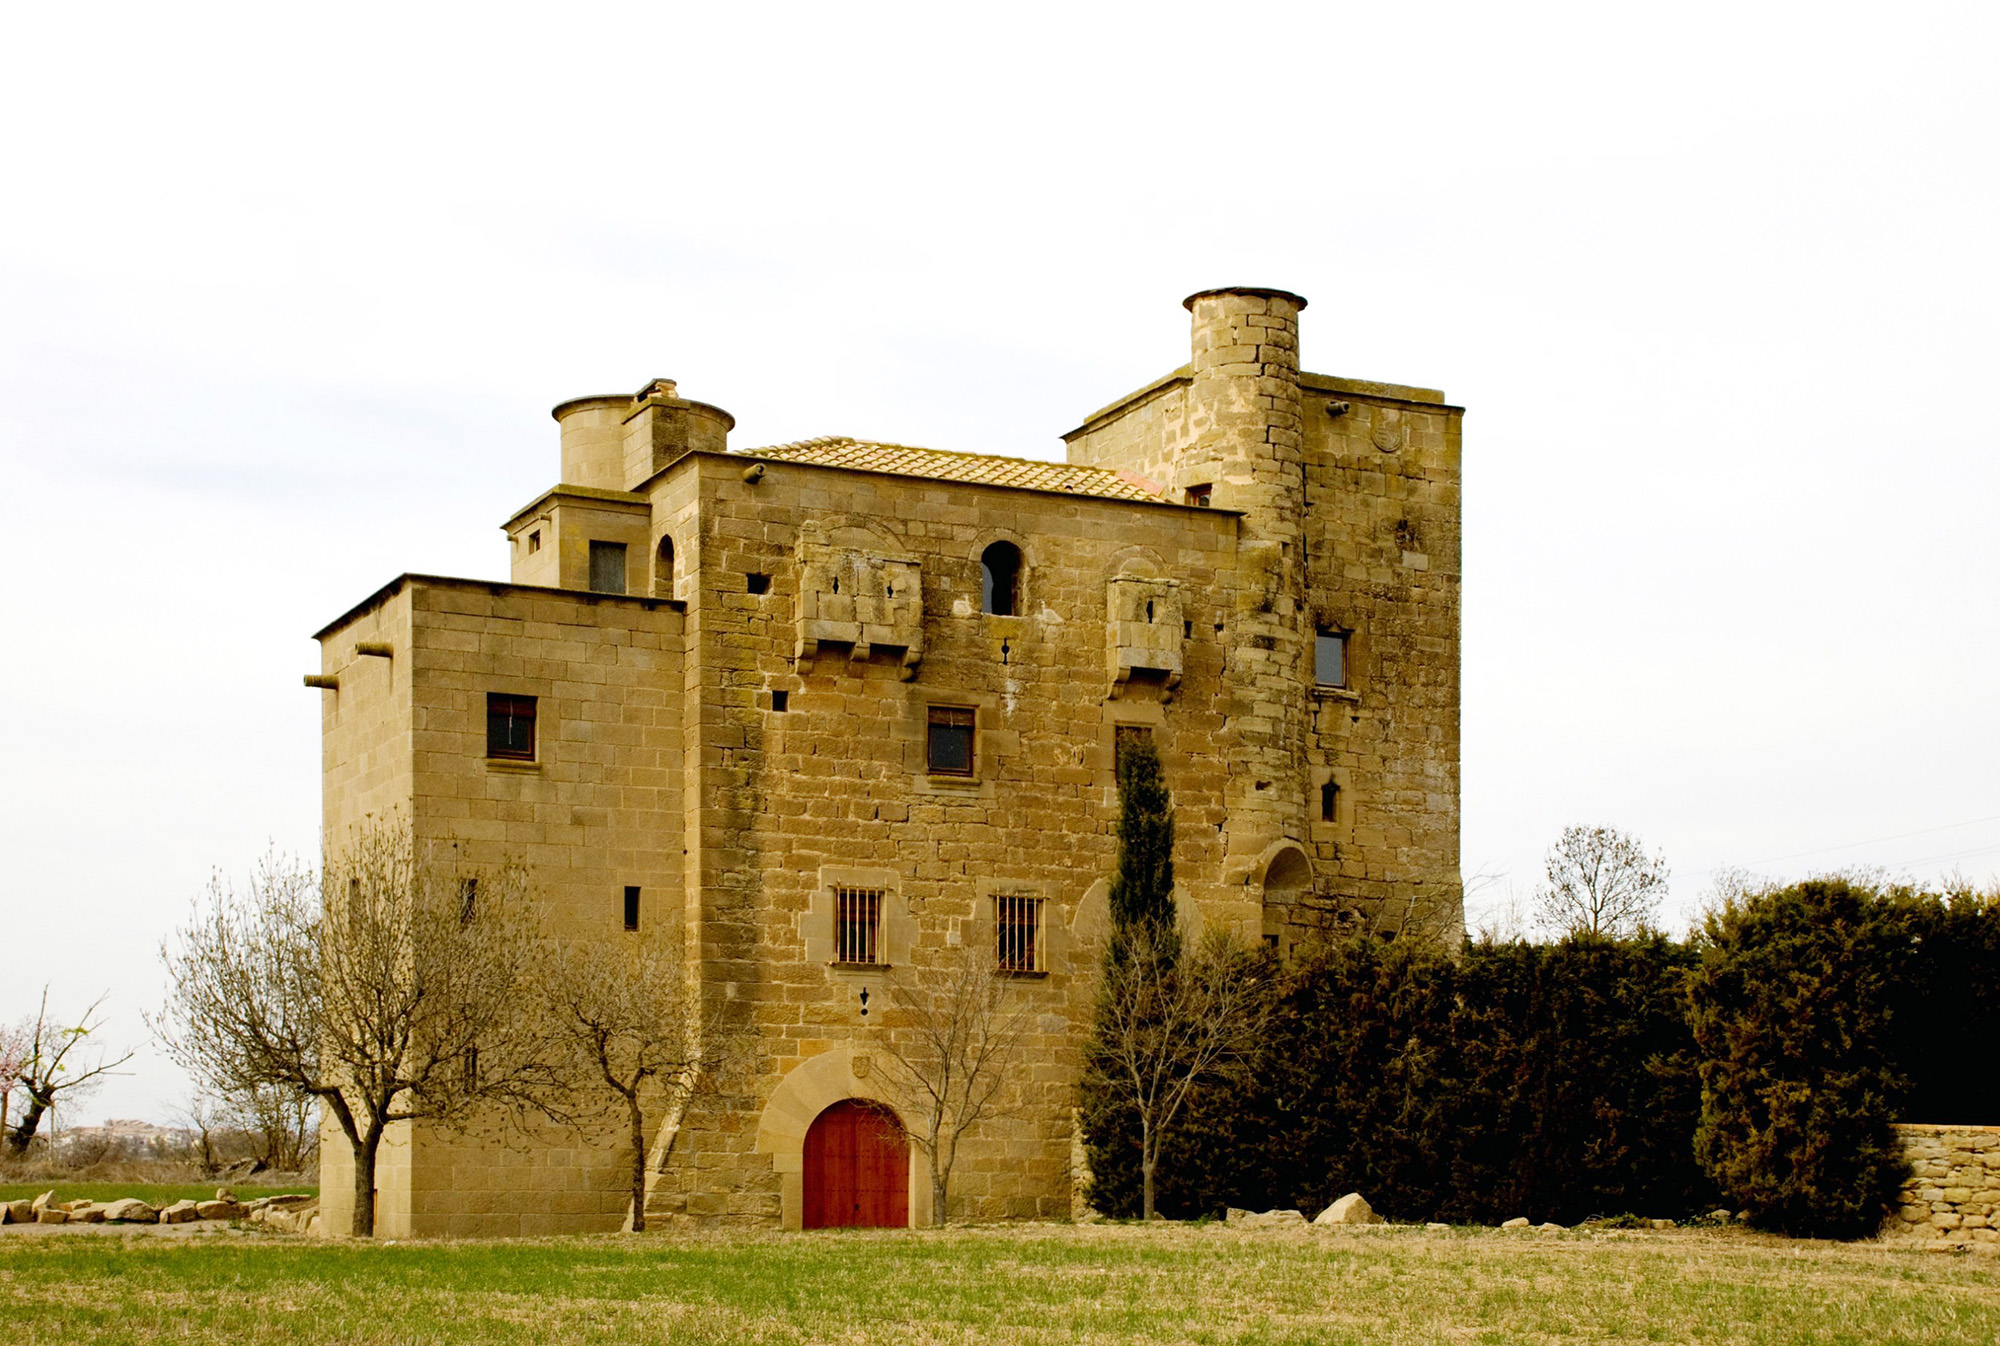 l'antic castell de Ratera, un dels que es pot observar a la marxa